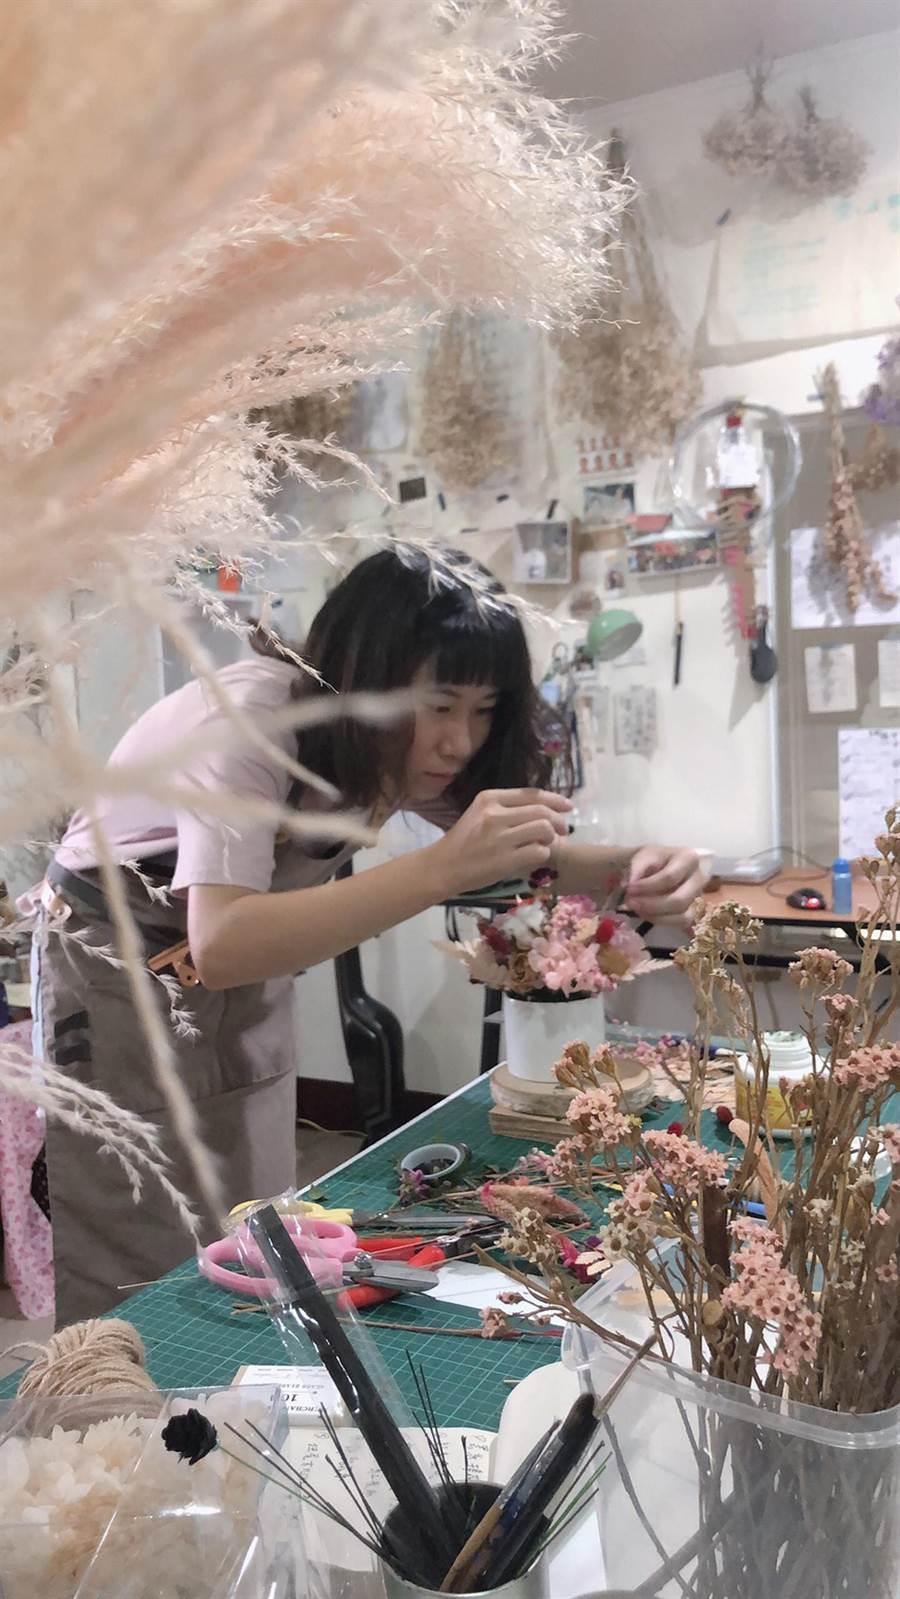 25歲的蔡伊倫,選擇離開台北工作,回到嘉義東石,藉由「那間賣魚的花店」臉書粉絲團,創出自己的花花世界。(蔡伊倫提供)